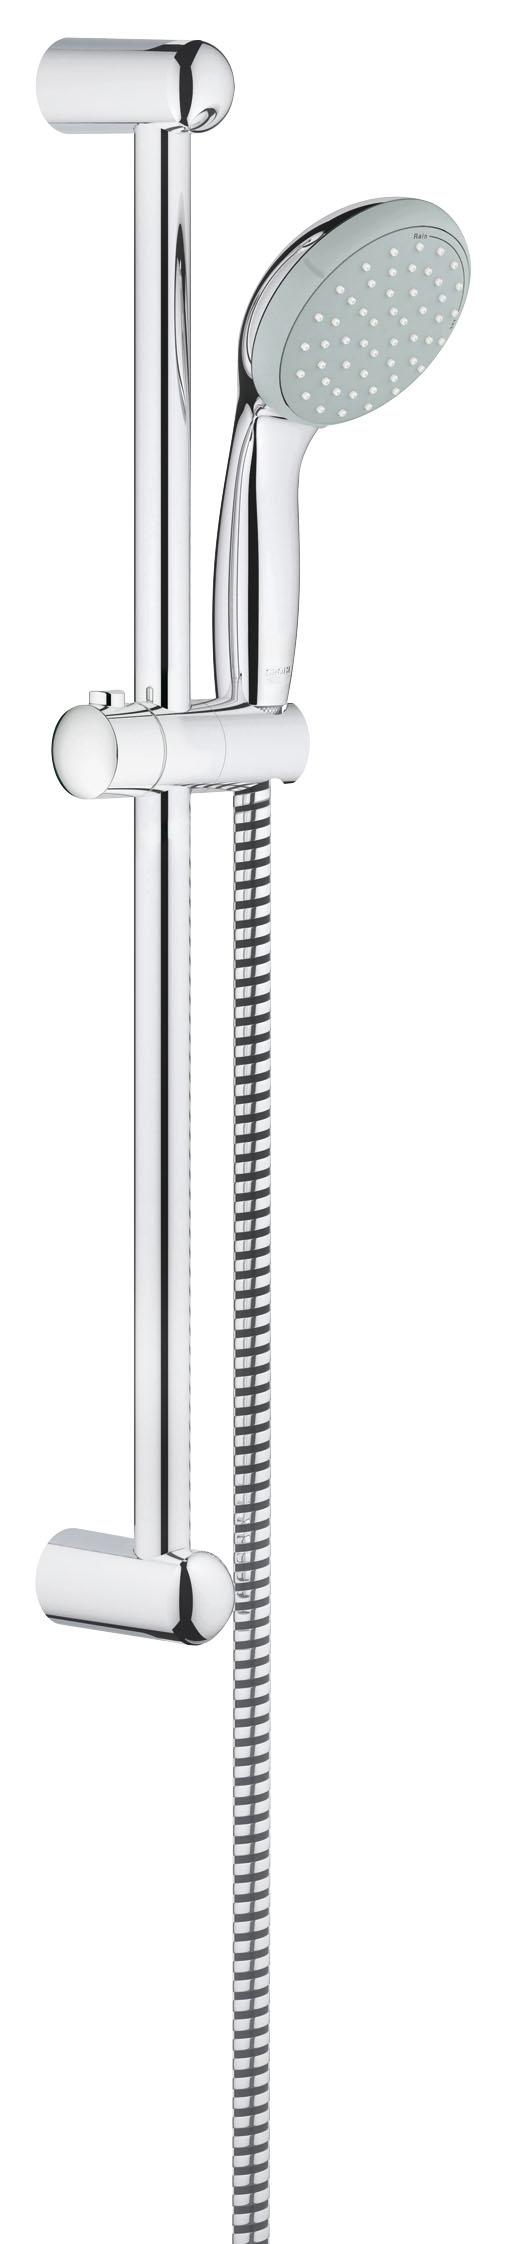 Душевой комплект GROHE Tempesta Classic II (27598000)27598000GROHE New Tempesta 100: душевой гарнитур со штангой длиной 600 мм и душевой головкой диаметром 100 мм с двумя режимами струи Этот стильный гарнитур, состоящий из ручного душа серии GROHE New Tempesta, душевой штанги и душевого шланга, станет идеальным выбором для модернизации Вашей ванной комнаты. Благодаря сияющему хромированному покрытию GROHE StarLight и таким практичным особенностям, как силиконовое кольцо ShockProof для защиты ручного душа от повреждений при падении, данный гарнитур воплощает собой великолепное сочетание дизайна и функциональности. Форсунки душевой головки изготовлены по технологии SpeedClean и легко очищаются от известкового налета легким протиранием. Это позволит Вам тратить меньше времени на уборку, а больше – на то, чтобы наслаждаться расслабляющим душем в стиле спа с двумя режимами струи – расслабляющим Rain, напоминающим теплый летний дождь, или интенсивным Jet, помогающим взбодриться. И в том, и в другом режиме технология GROHE DreamSpray обеспечивает равномерность потока воды. Особенности: Включает в себя:Ручной душ (27 597 000)Душевая штанга, 600 мм (27 523 000)Душевой шланг Relexaflex 1750 мм 1/2? x 1/2? (28 154 000)GROHE DreamSpray превосходный поток водыGROHE StarLight хромированная поверхность С системой SpeedClean против известковых отложенийВнутренний охлаждающий канал для продолжительного срока службыShockProof силиконовое кольцо, предотвращающее Повреждение поверхности при падении ручного душаМожет использоваться с проточным водонагревателемВидео по установке является исключительно информационным. Установка должна проводиться профессионалами! Характеристики: Материал: ABS-пластик, металл. Высота штанги: 60 см. Длина шланга: 175 см. Размер упаковки: 68 см х 15 см х 7,5 см. Артикул: 27598000.